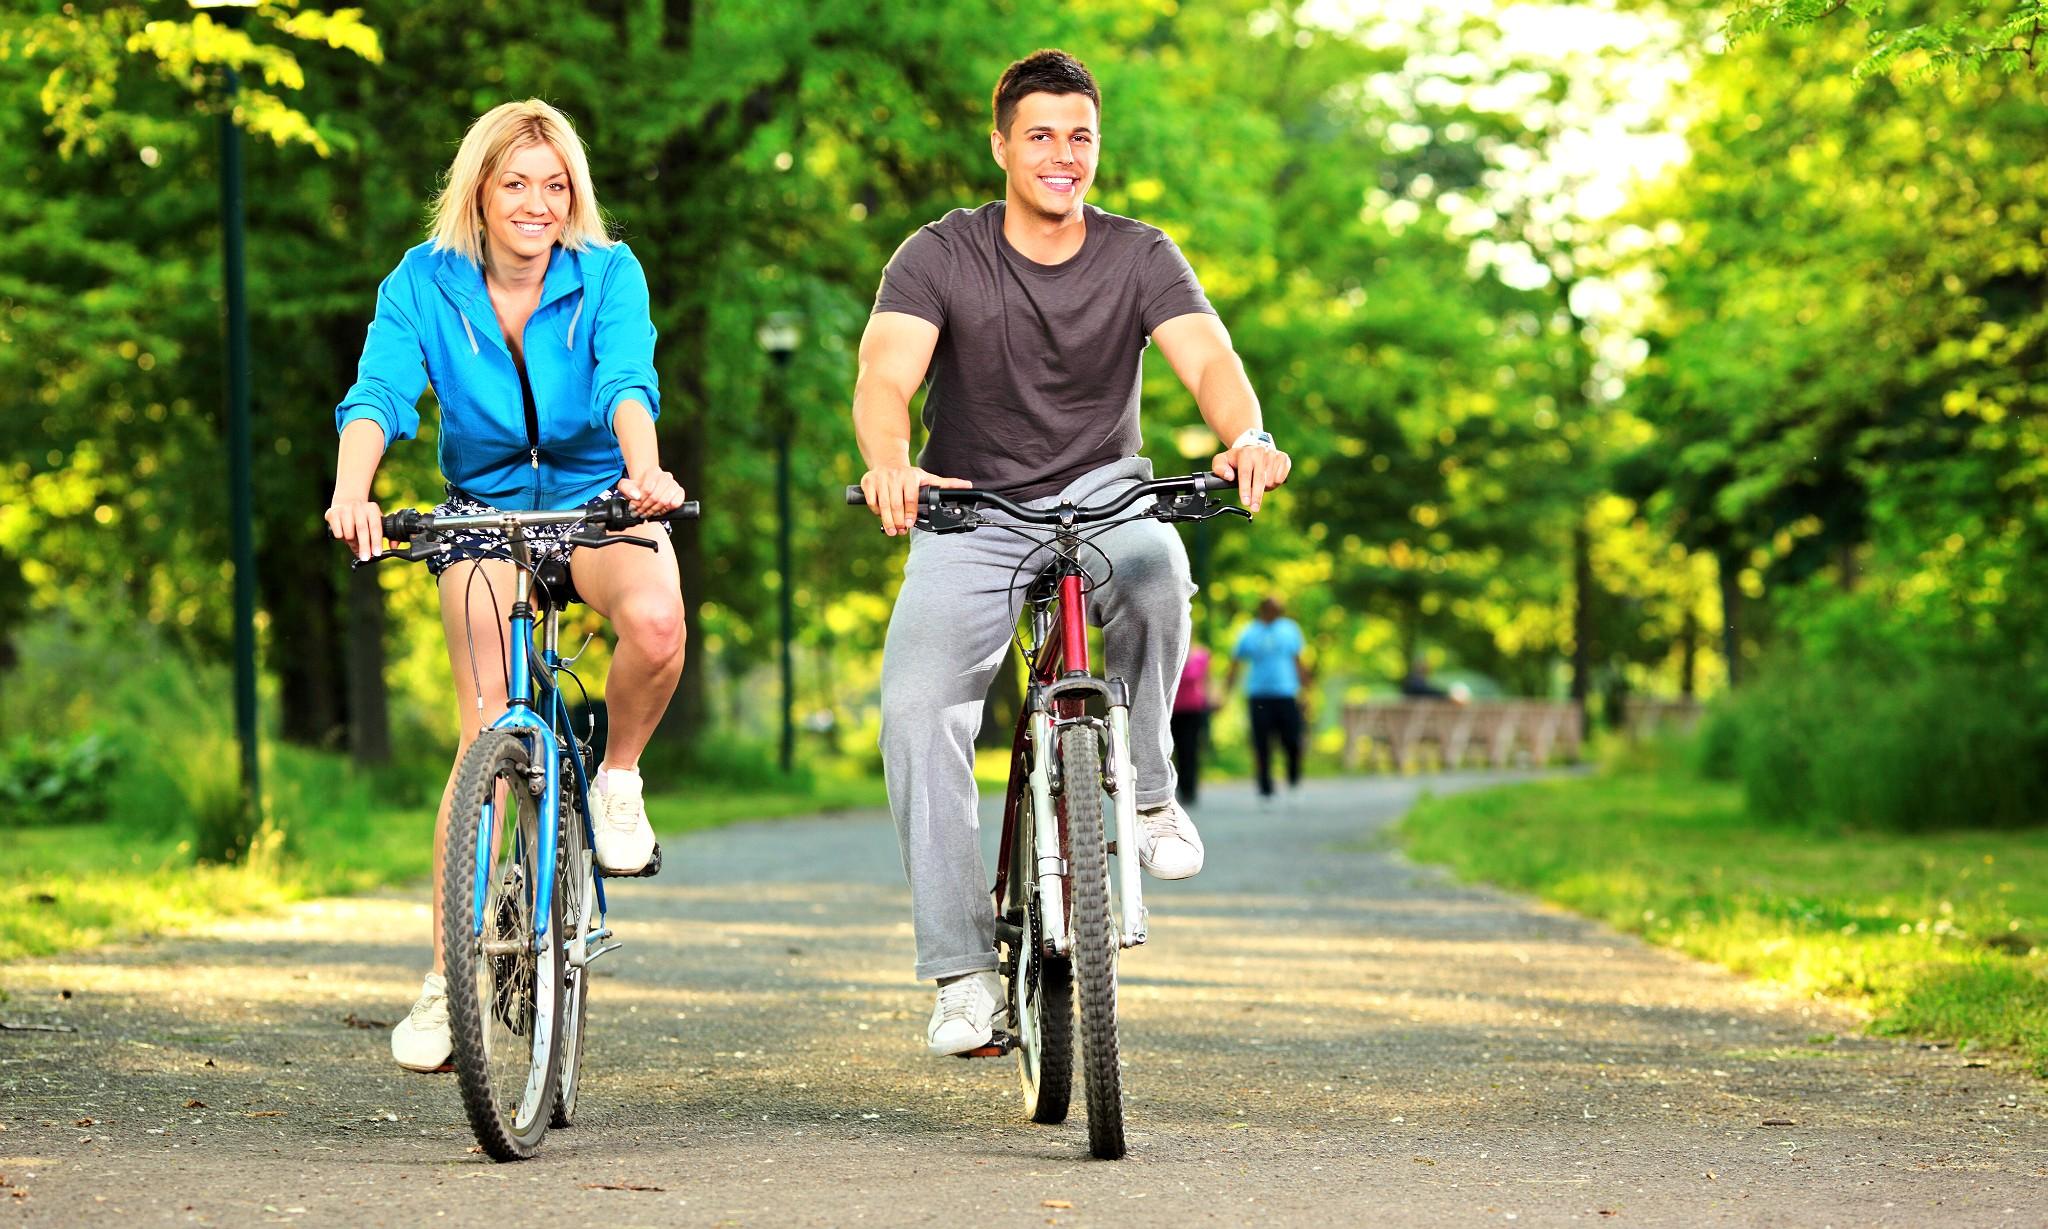 картинка как катаются на велосипеде основной слой для